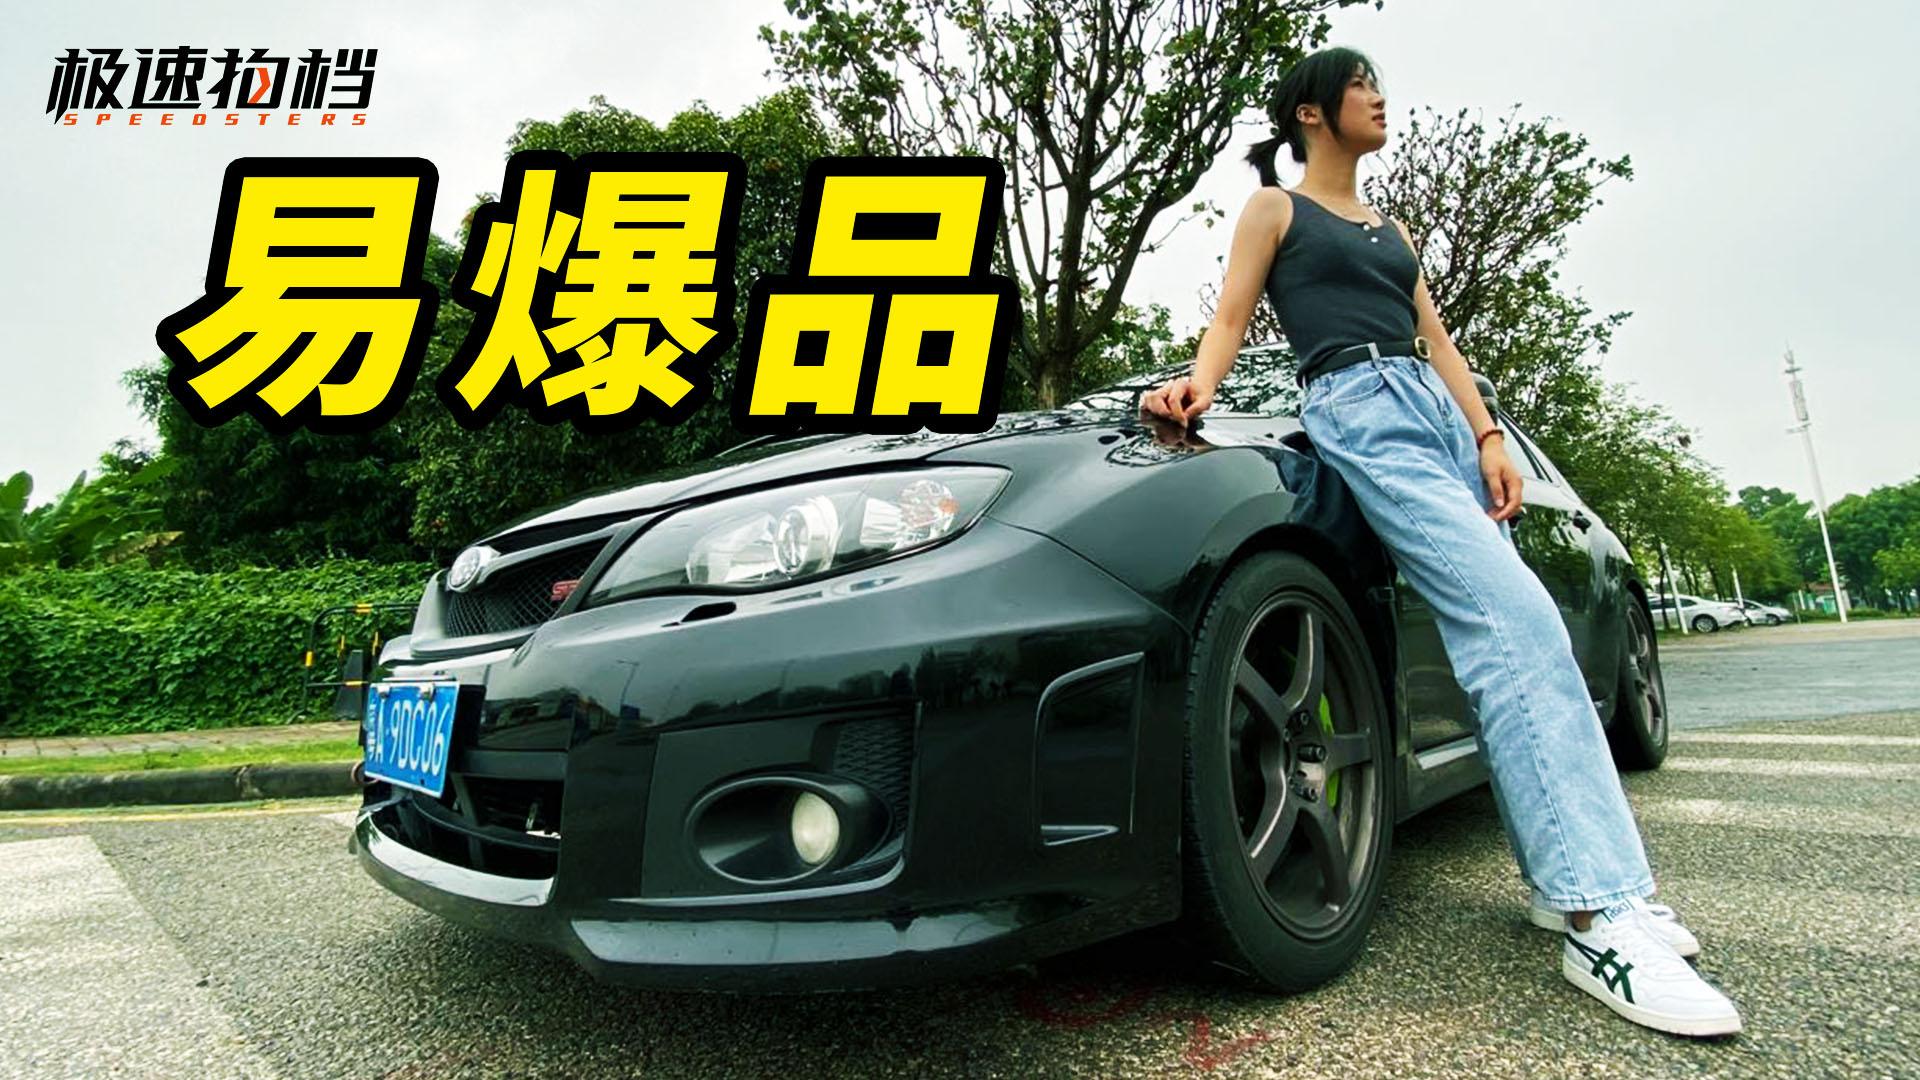 买了台破二手日本车,修了6个月还不能上路....